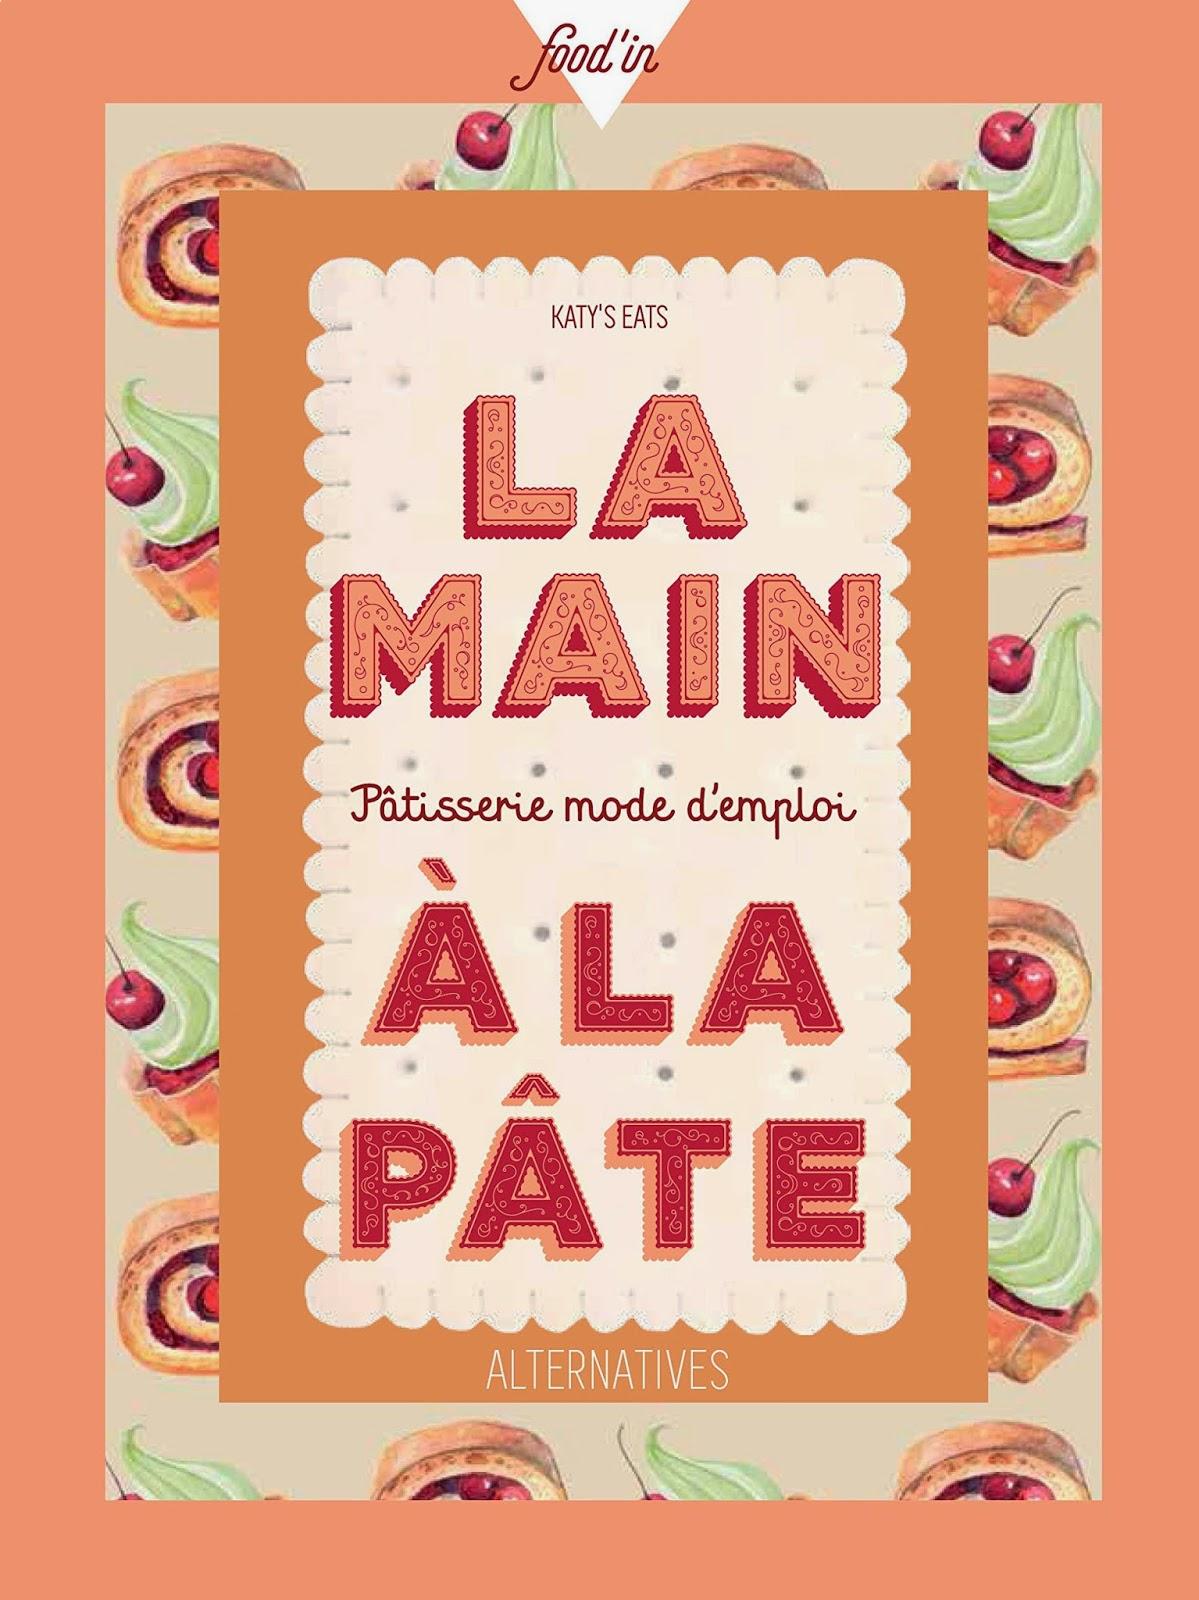 La Main à la pâte : Pâtisserie mode d'emploi, Livre la main à la pâte, livre Gallimard, food'in, pâtisserie mode d'emploi, auteur culinaire, livre pâtisserie